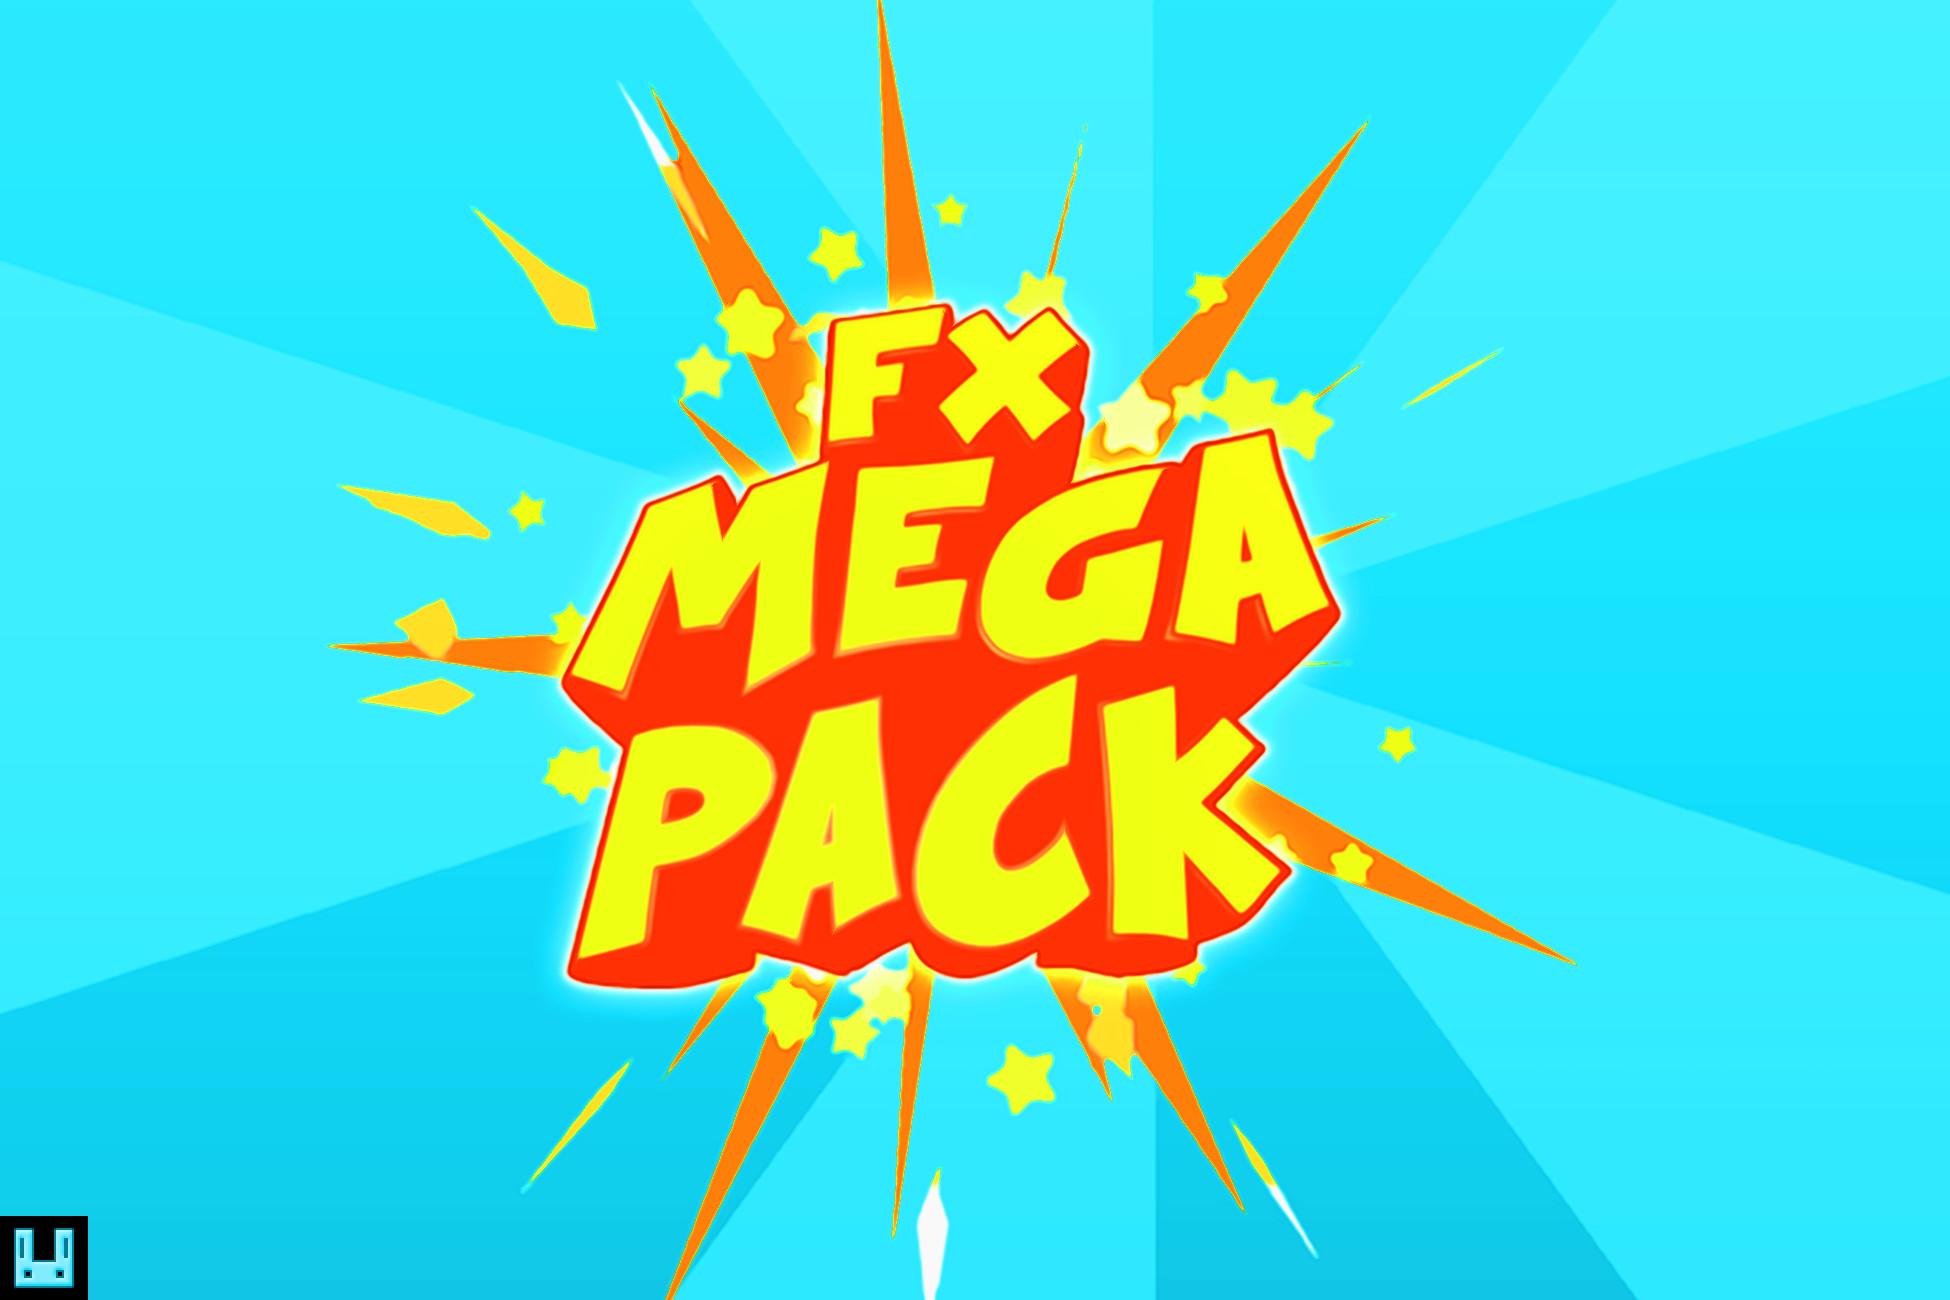 FX Mega Pack